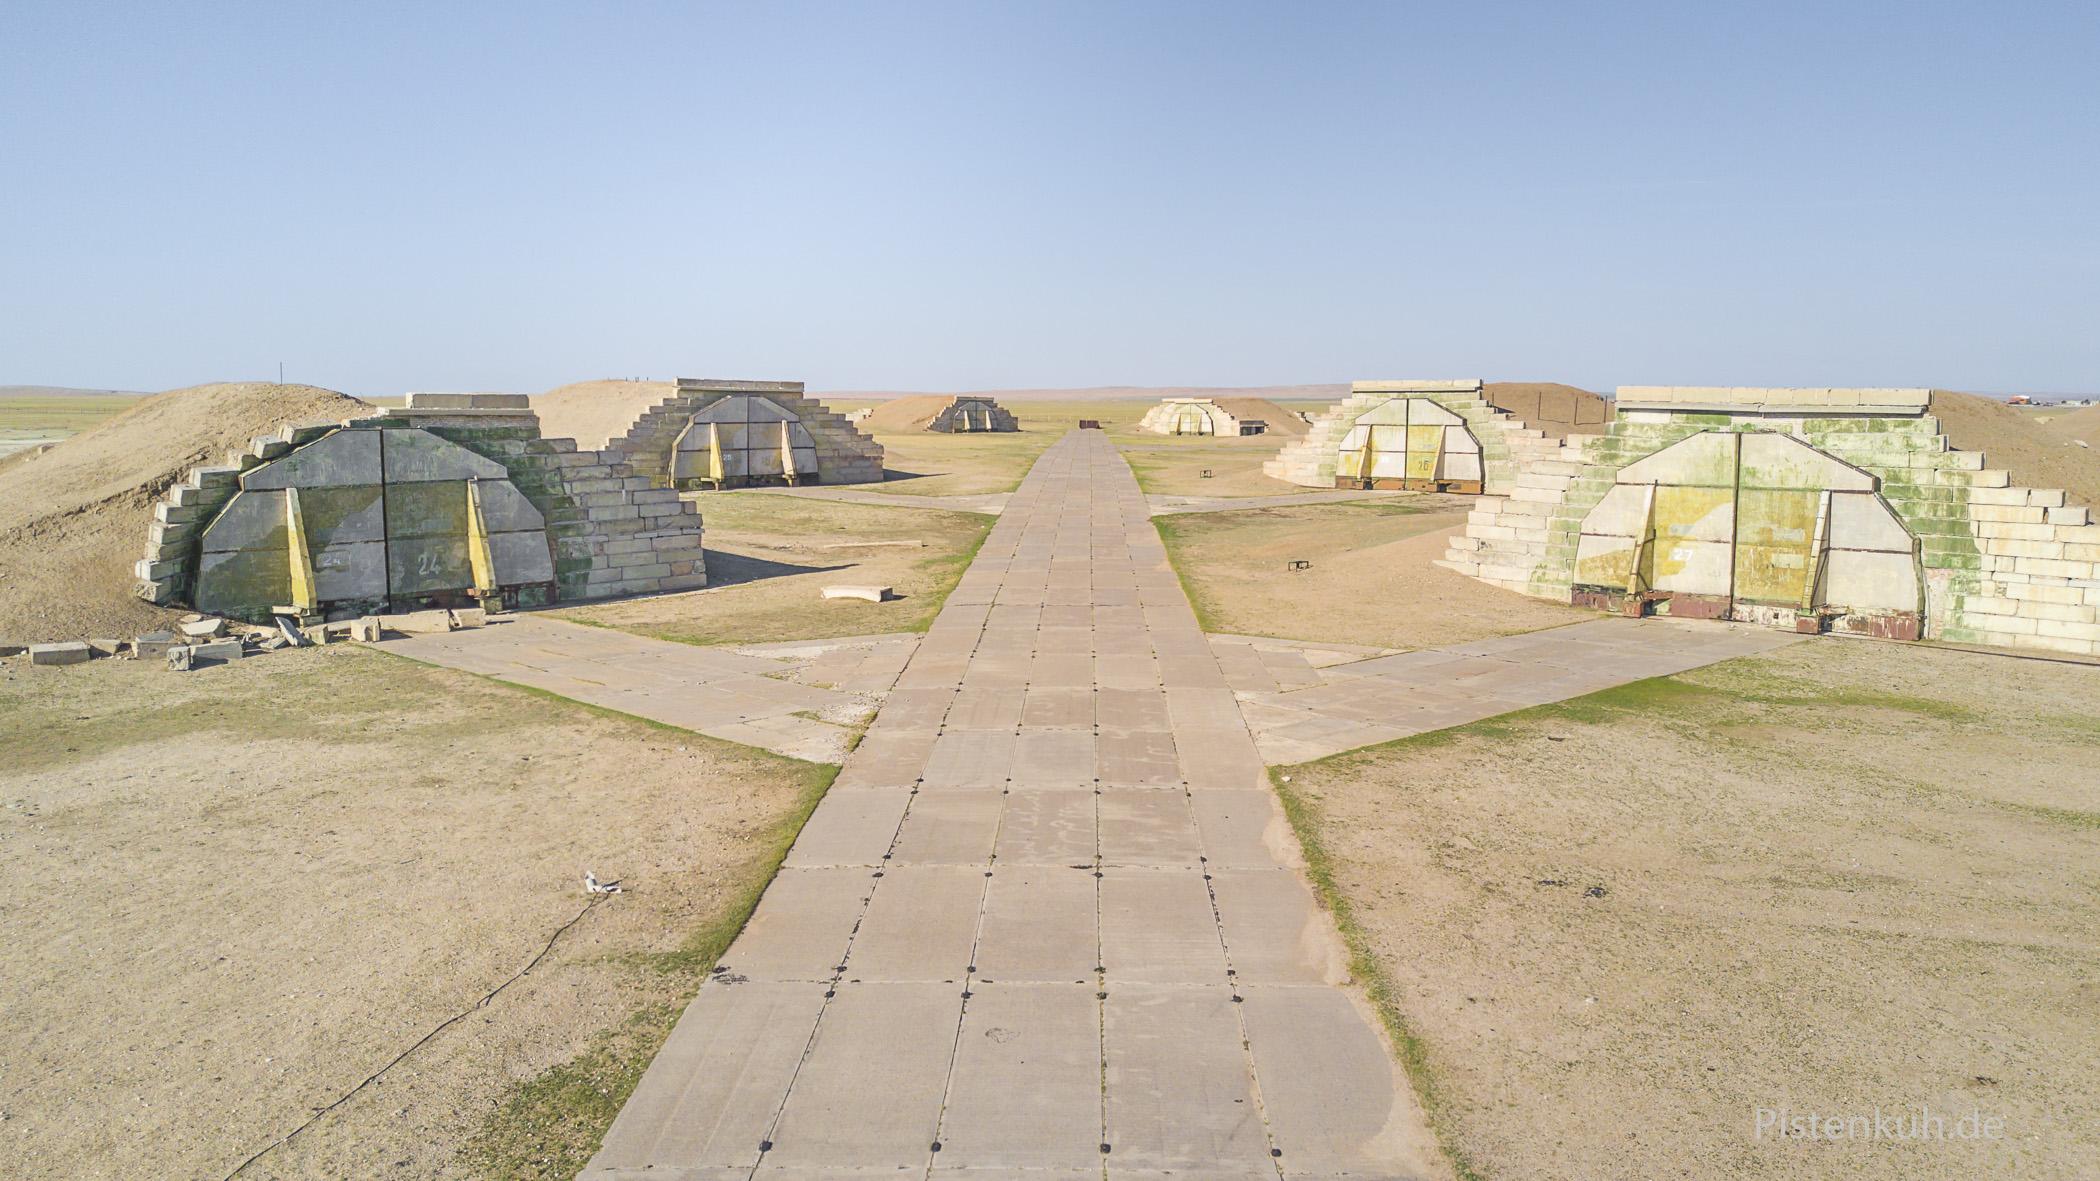 Bunkeranlagen auf dem Gelände der Bayental Airbase